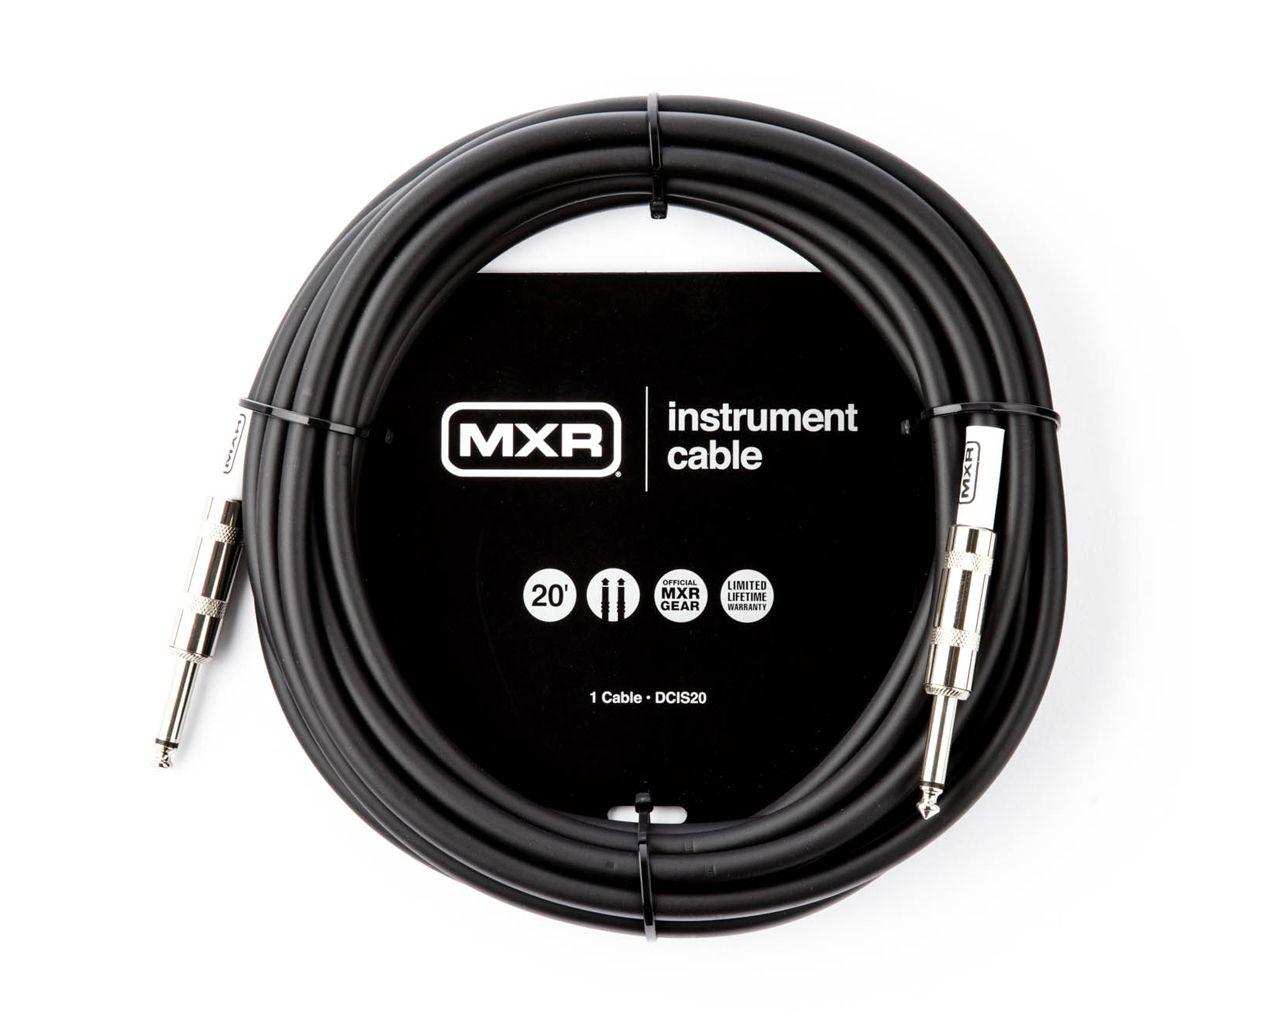 Cabo P/instrumentos 6m Mxr Standard Plug P10 Reto-reto Dcis20 Dunlop